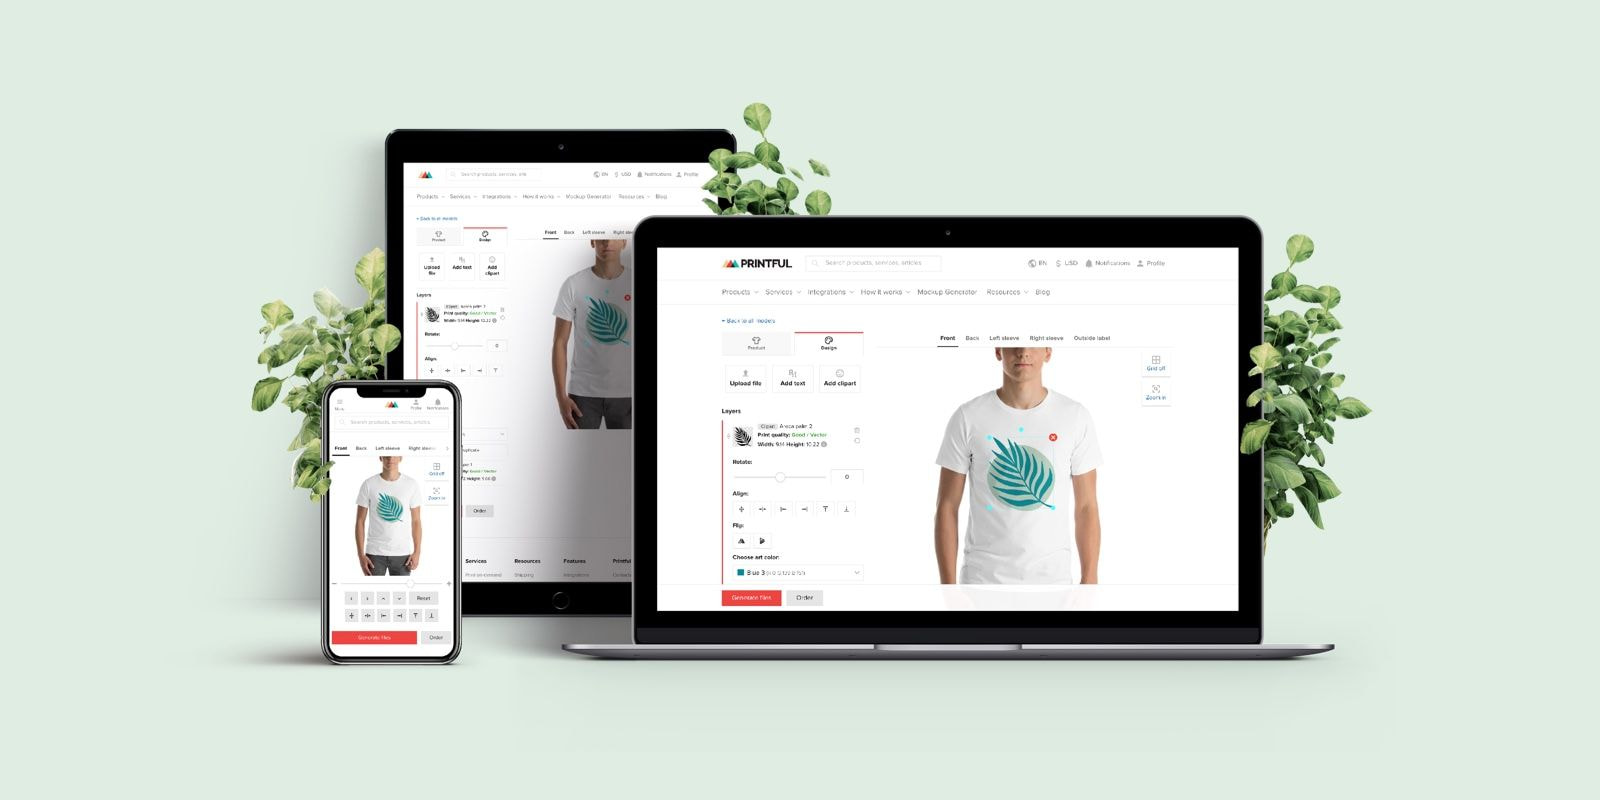 Starting a t-shirt business